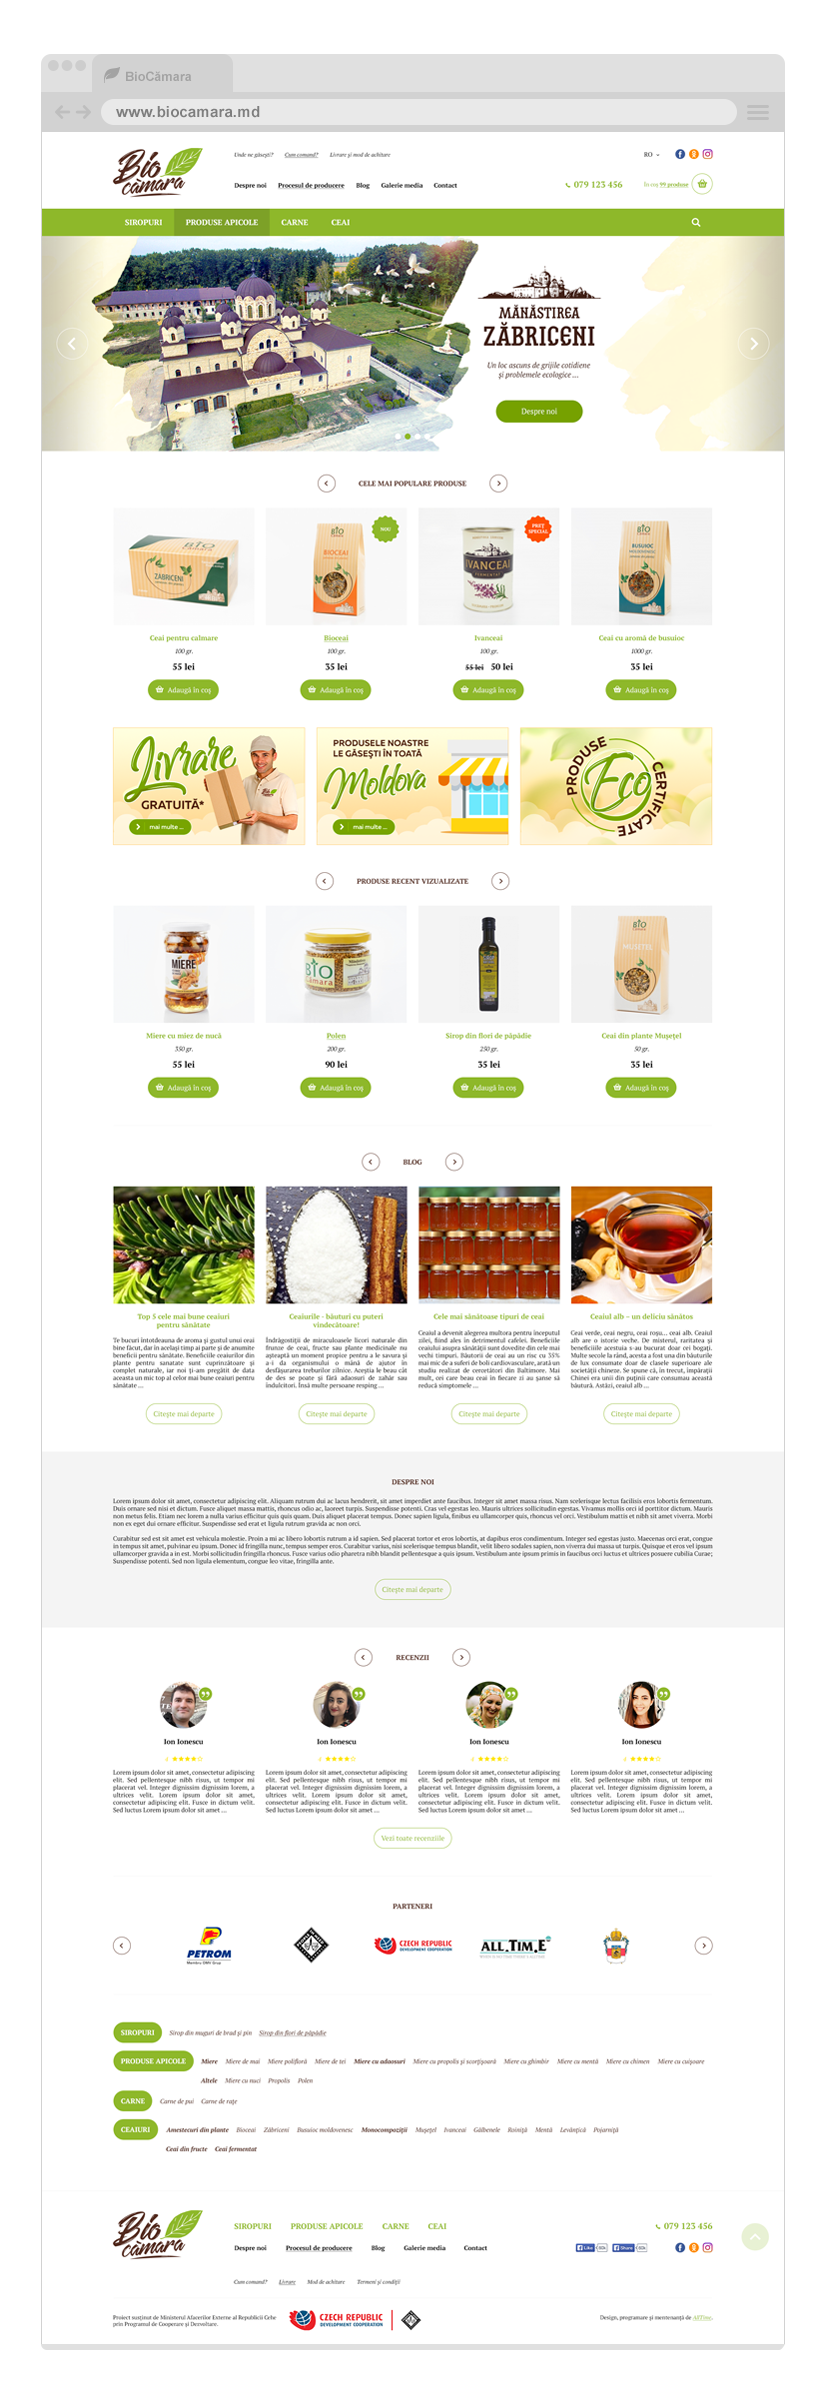 Biocămara – website elaboration